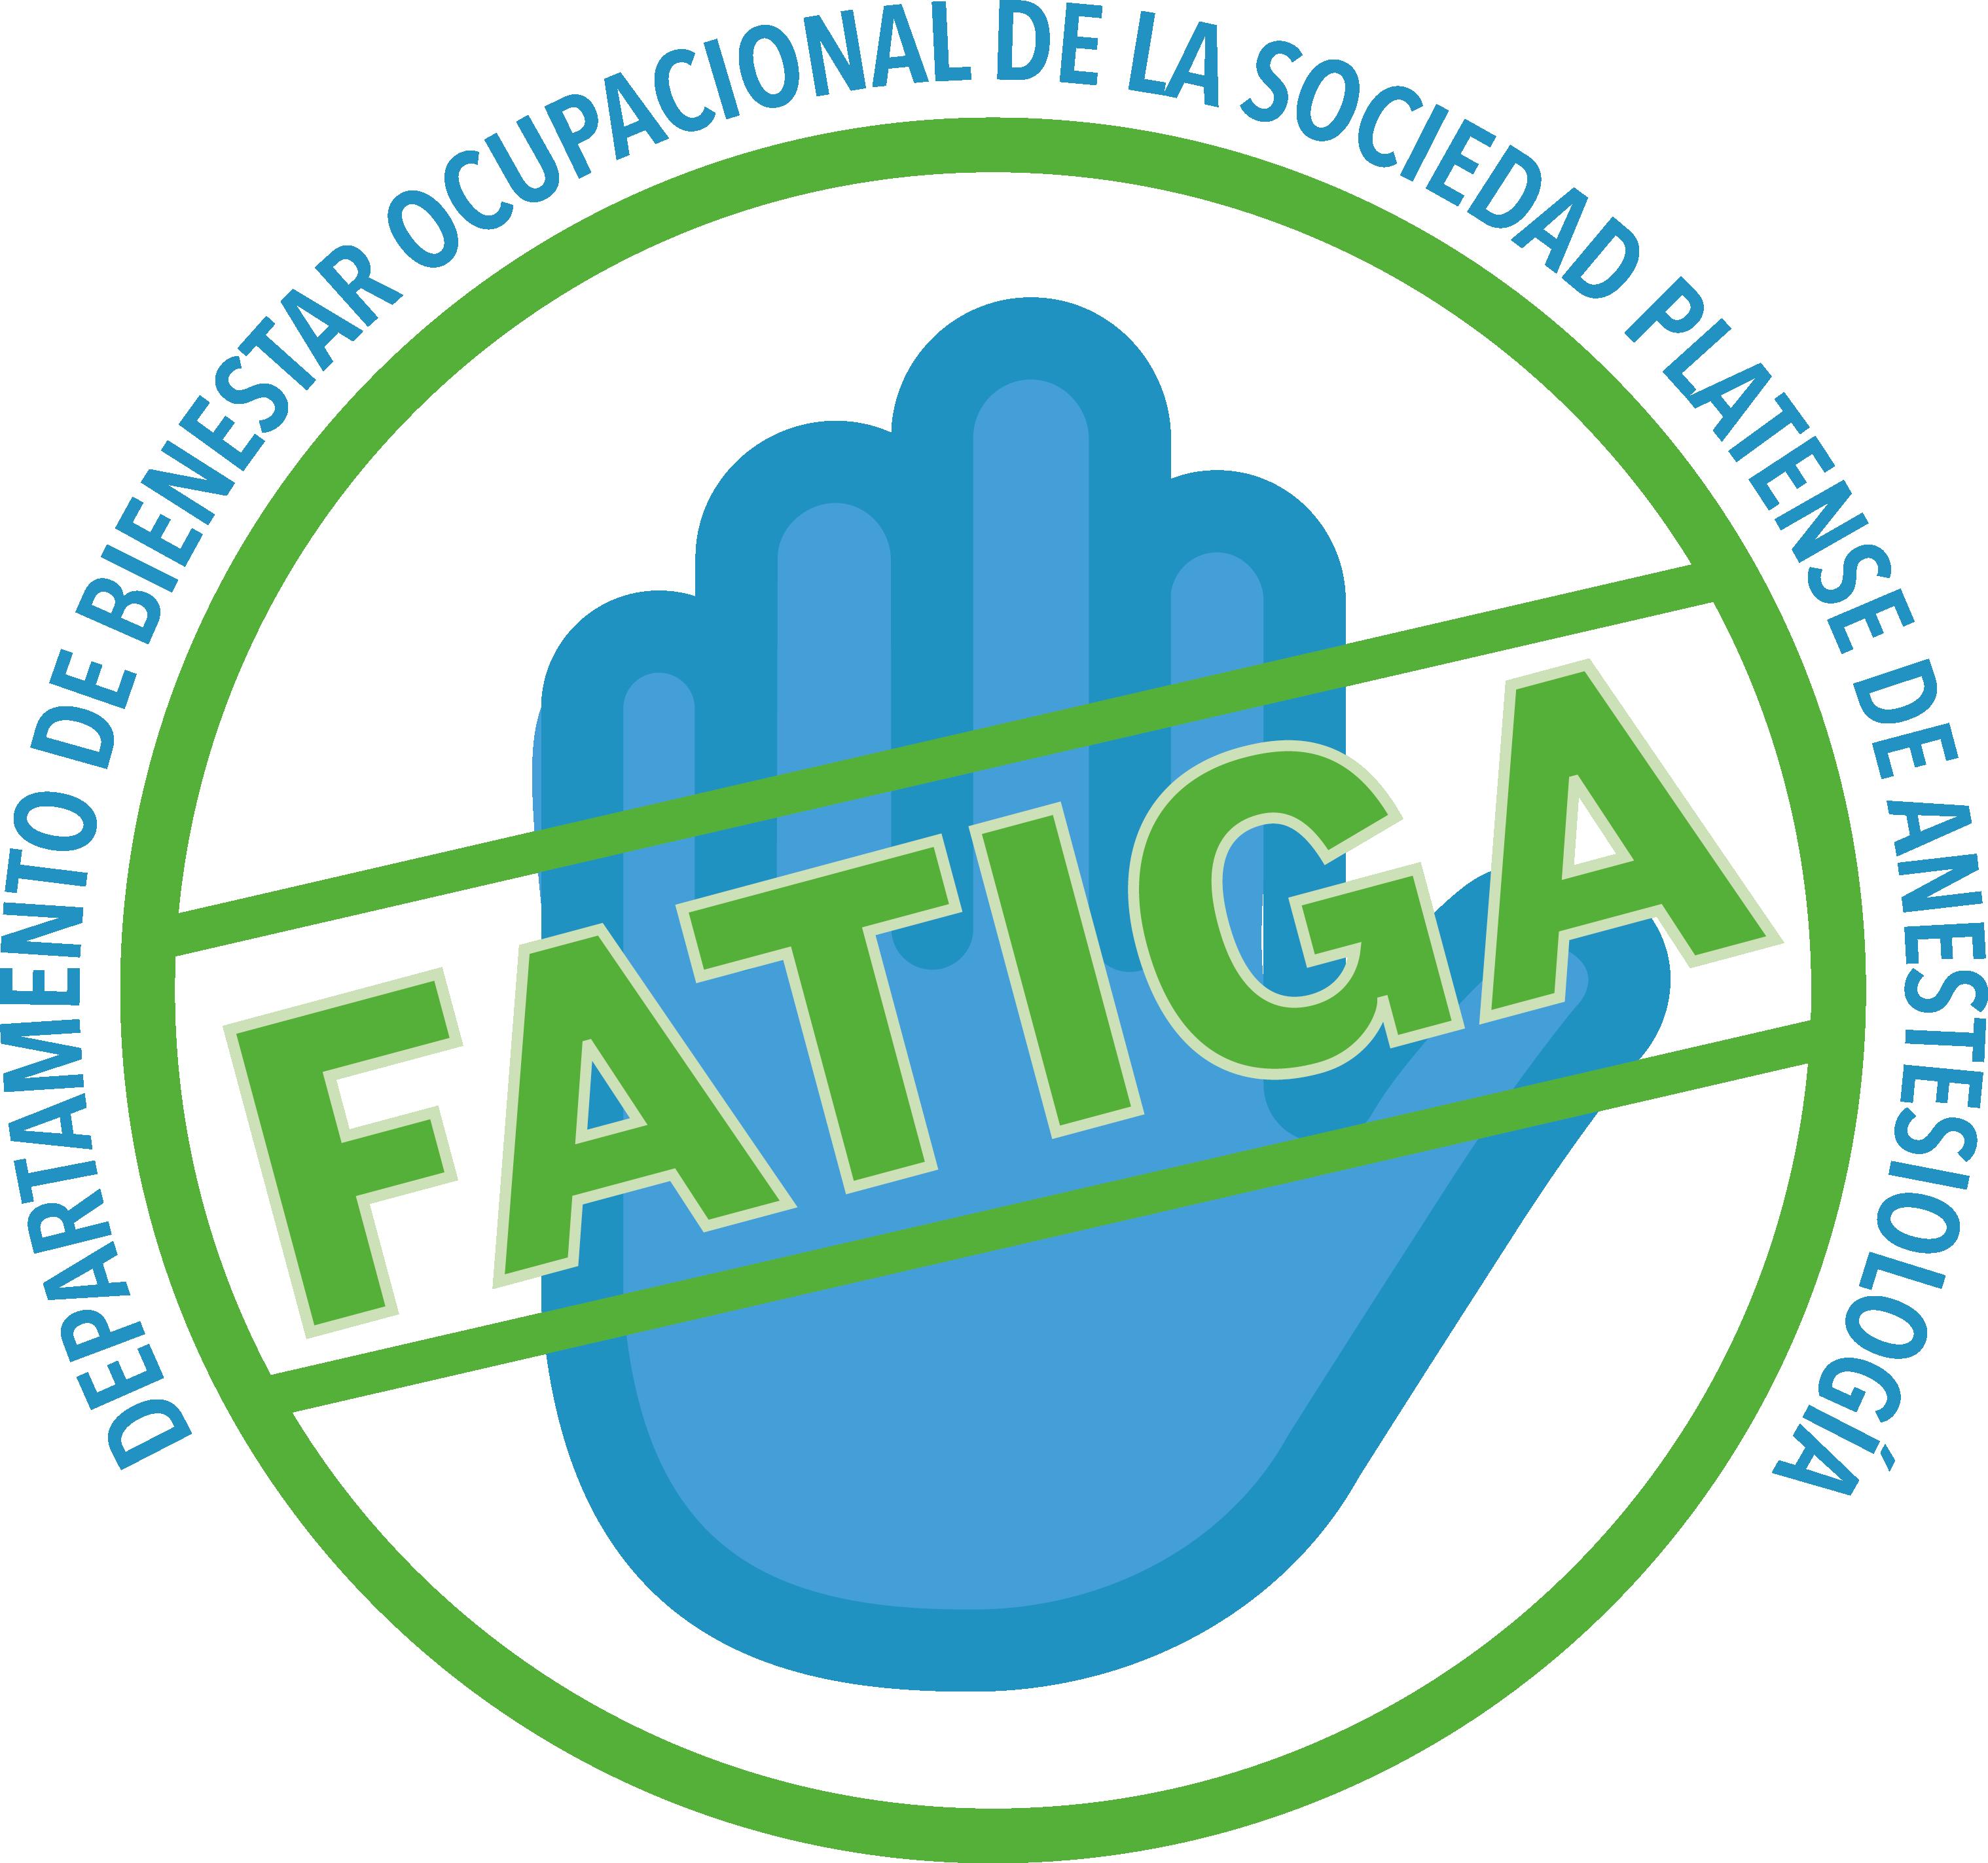 Campaña contra la FATIGA